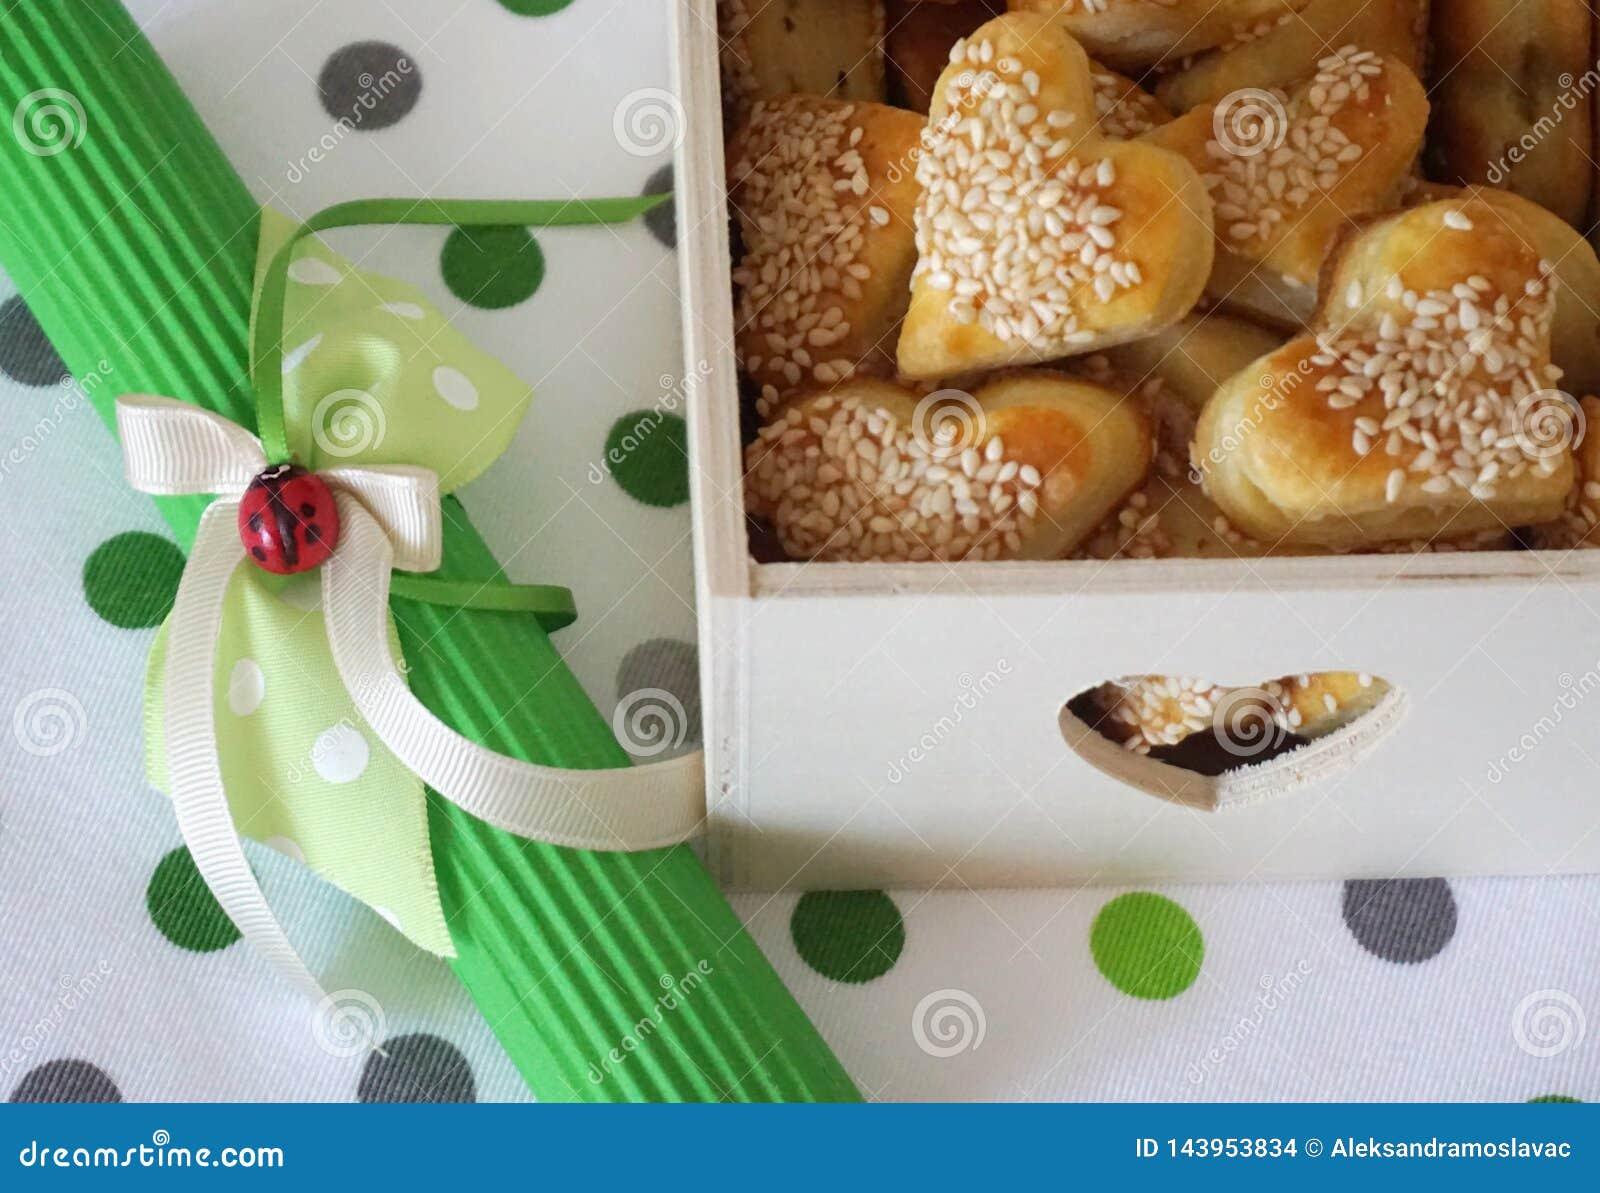 Houten dooshoogtepunt van zoute snack met sesam in vorm van hart en decoratie met lieveheersbeestje